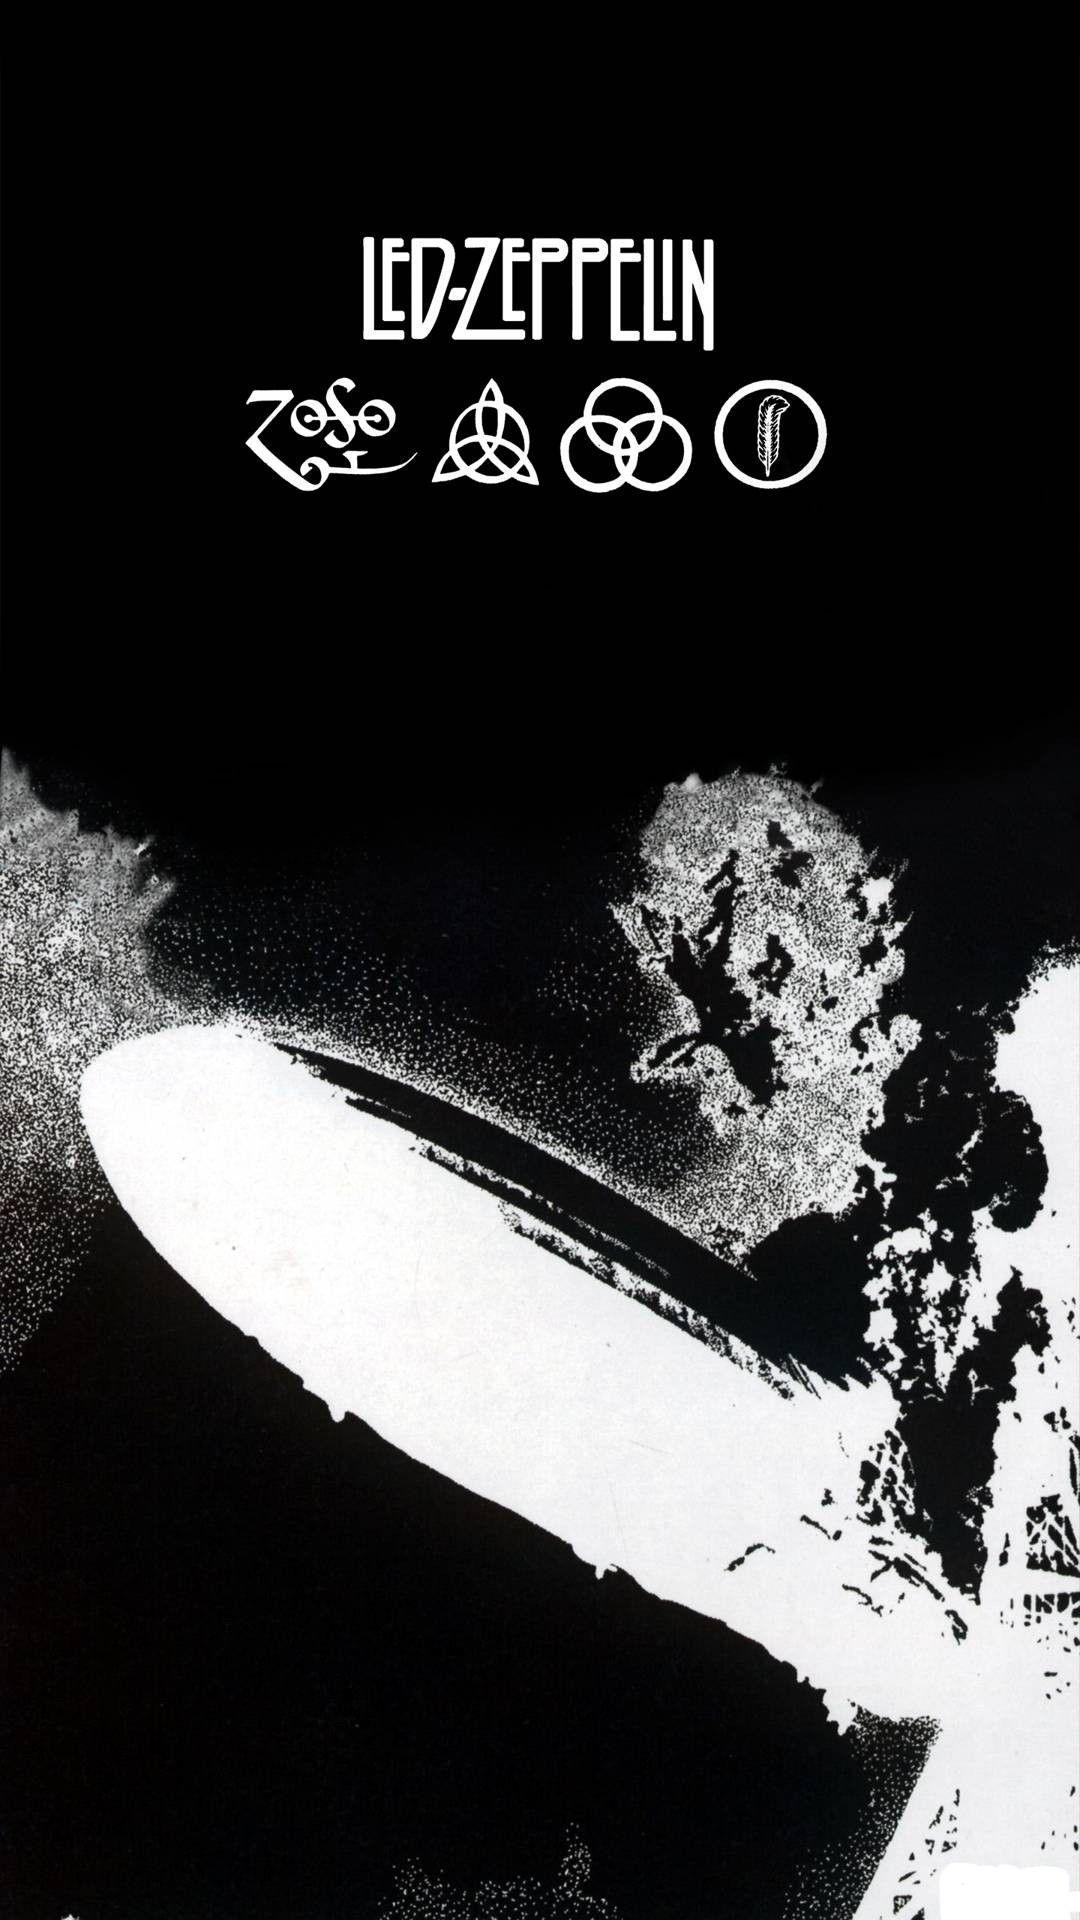 Led Zeppelin Smartphones Wallpapers Wallpaper Cave